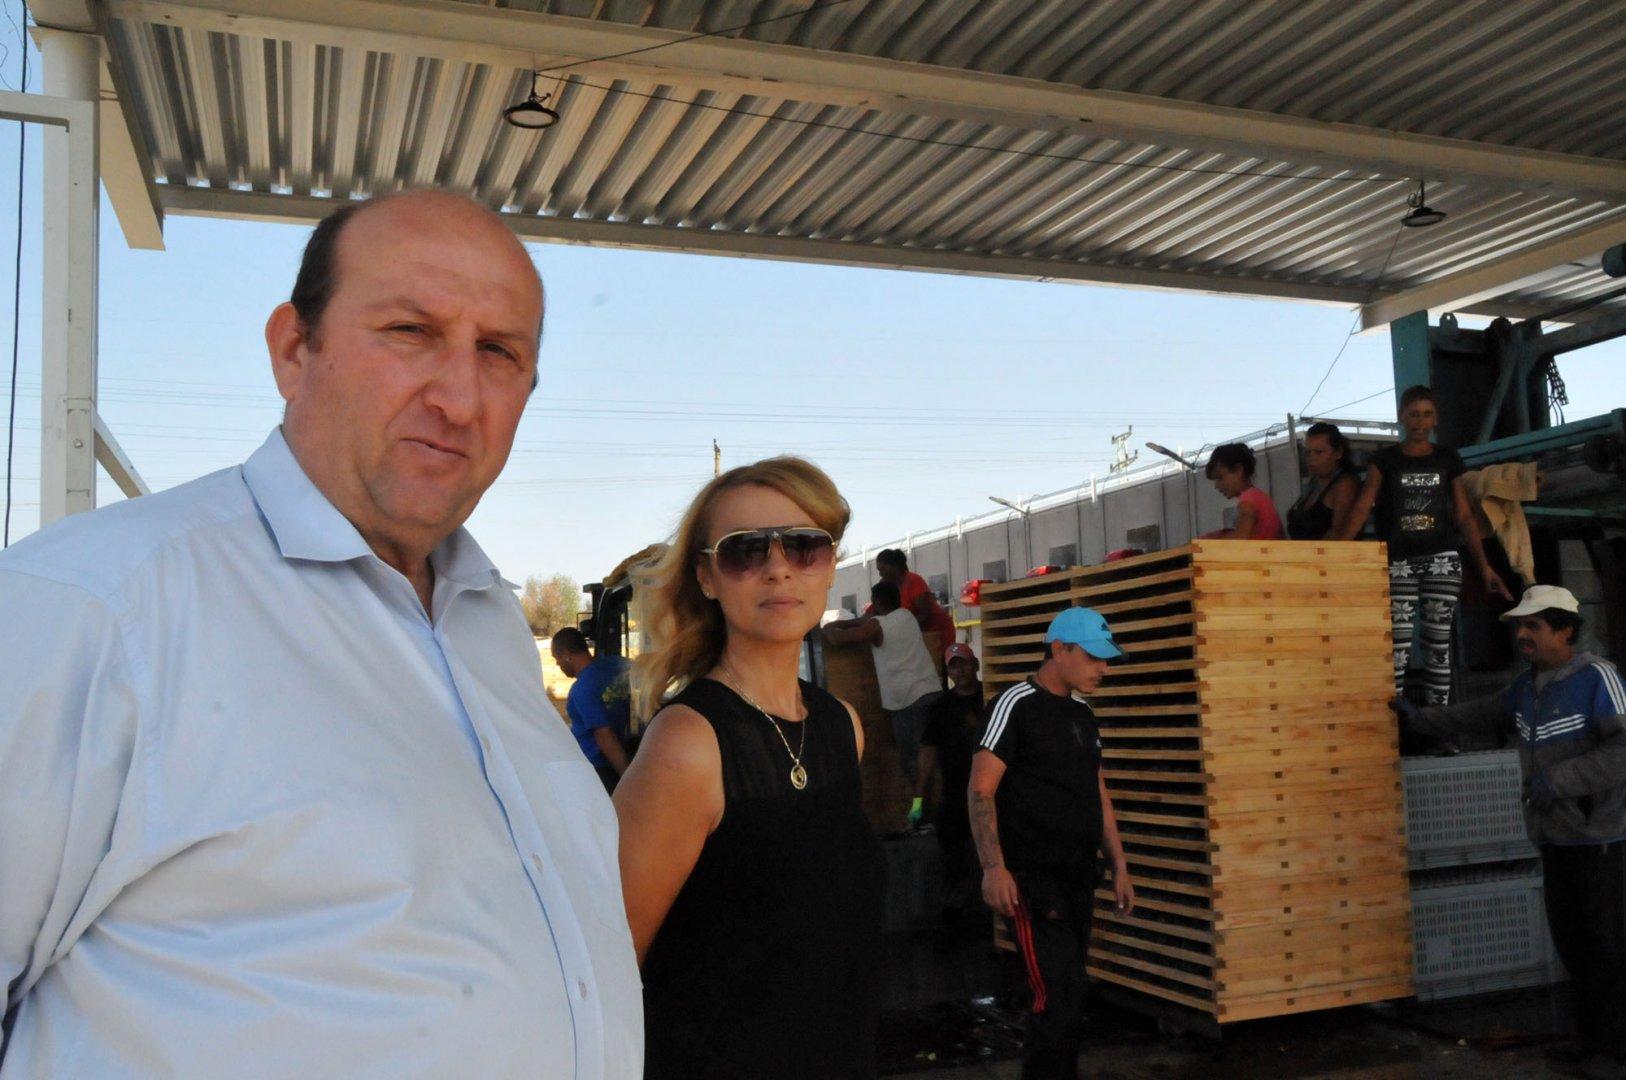 Това е първата инвестиция в общината за 8 години, каза кметът Иван Жабов. Снимки Лина Главинова